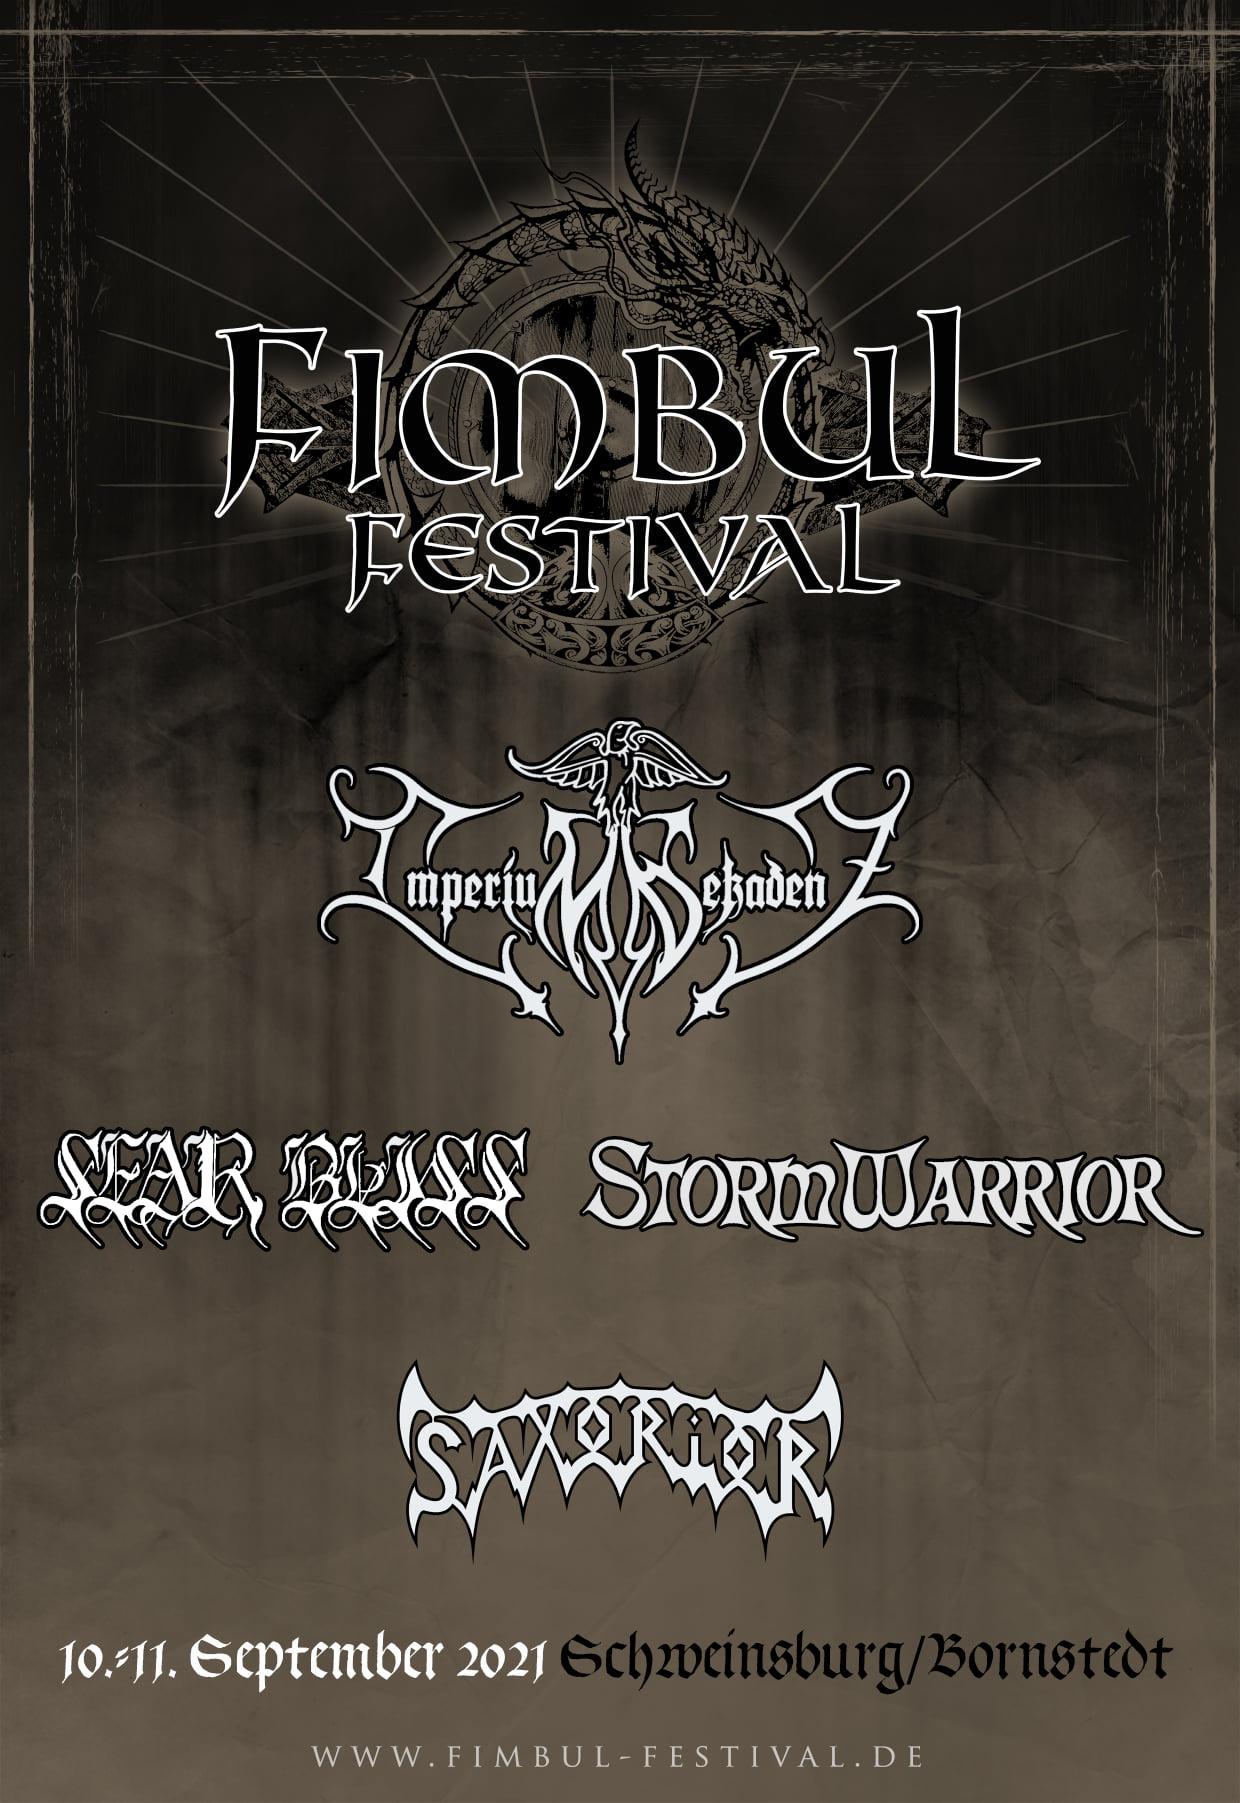 Fimbul Festival 2021